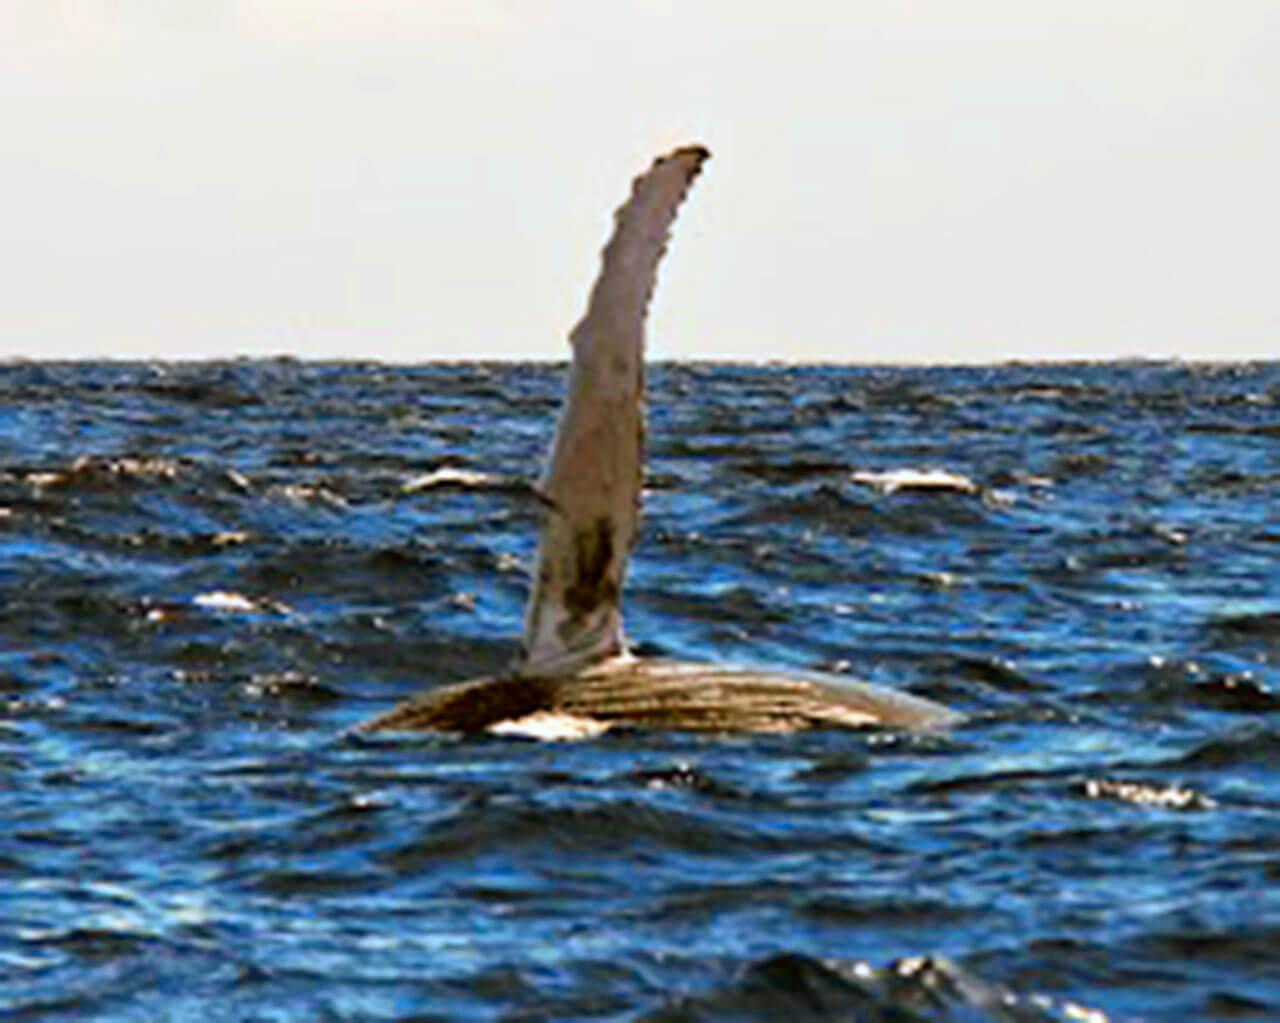 Sortie PMT - Baleine - Bulle d'air - Ile de la Réunion